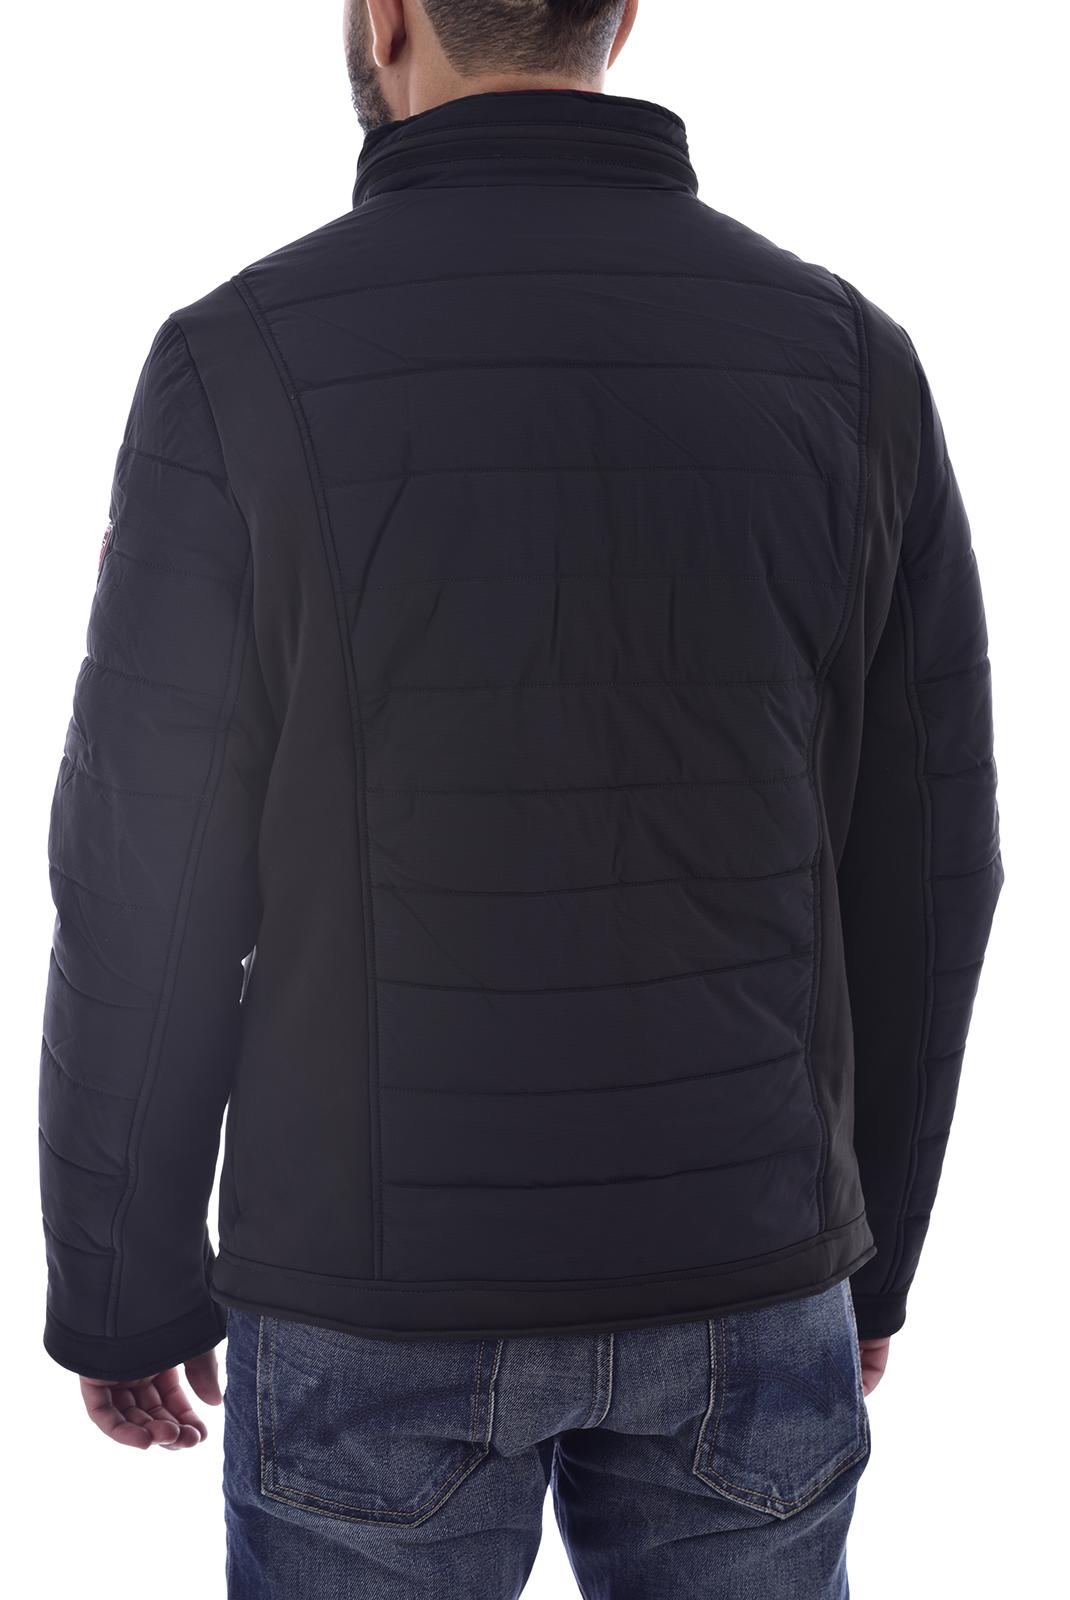 Blousons / doudounes  Guess jeans M0BL58WD9N0 JBLK